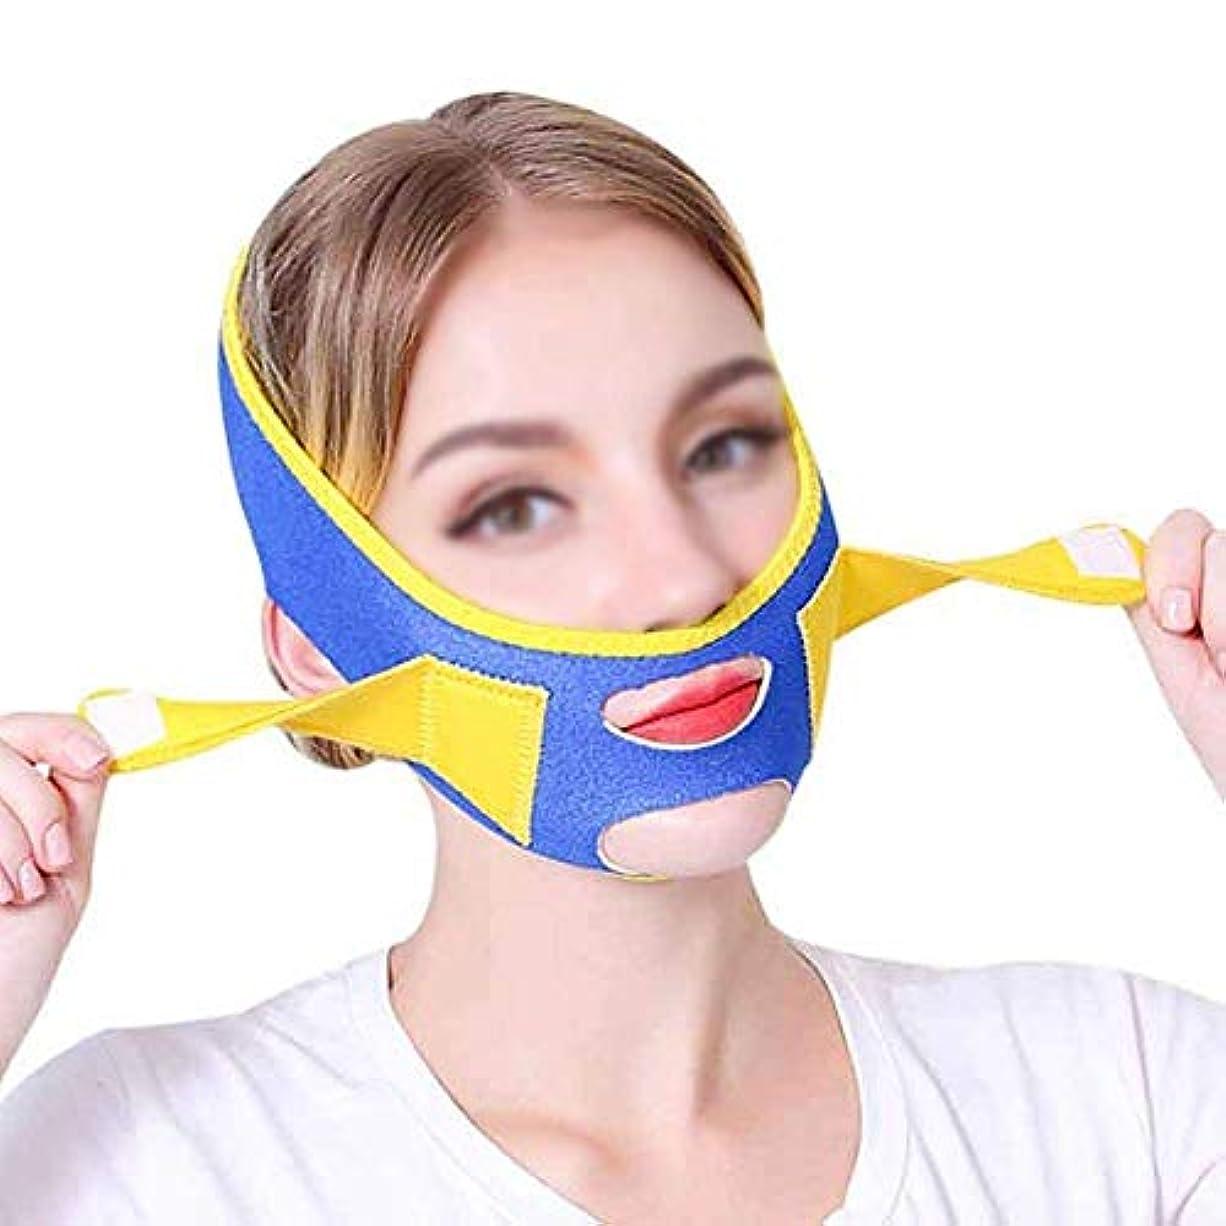 パウダー不安定なマエストロフェイスリフトマスク、あごひも回復包帯薄いフェイスマスクVフェイスステッカーフェイスリフトステッカー韓国本物のリフティング引き締め引き締め成形薄いダブルチンフェイスリフト睡眠包帯アーティファクト